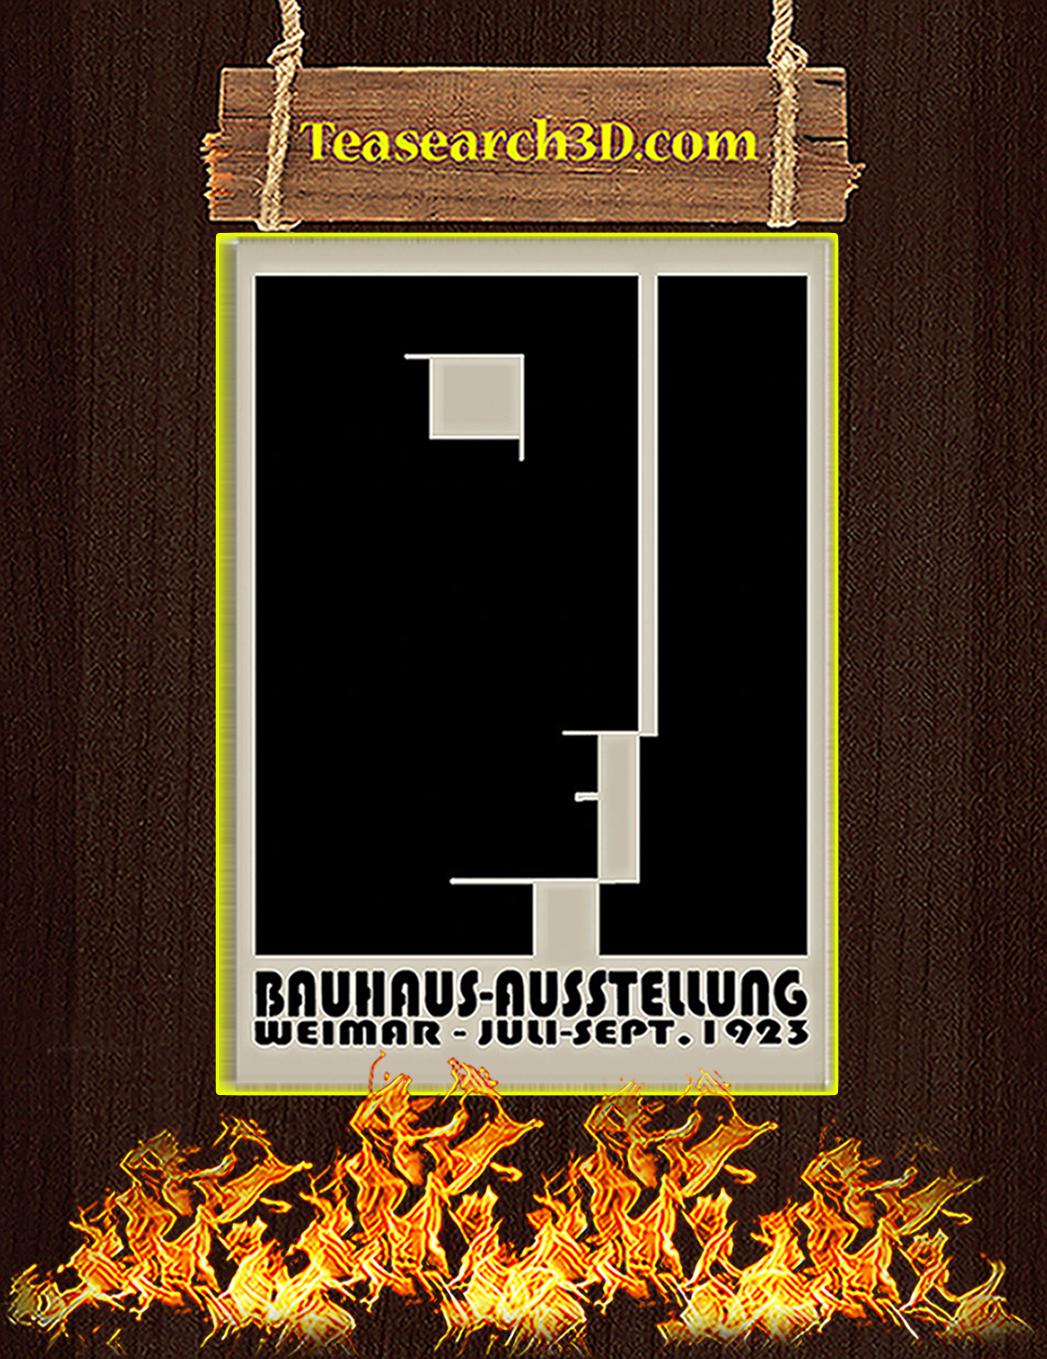 Bauhaus ausstellung weimar juli sept 1923 poster A1